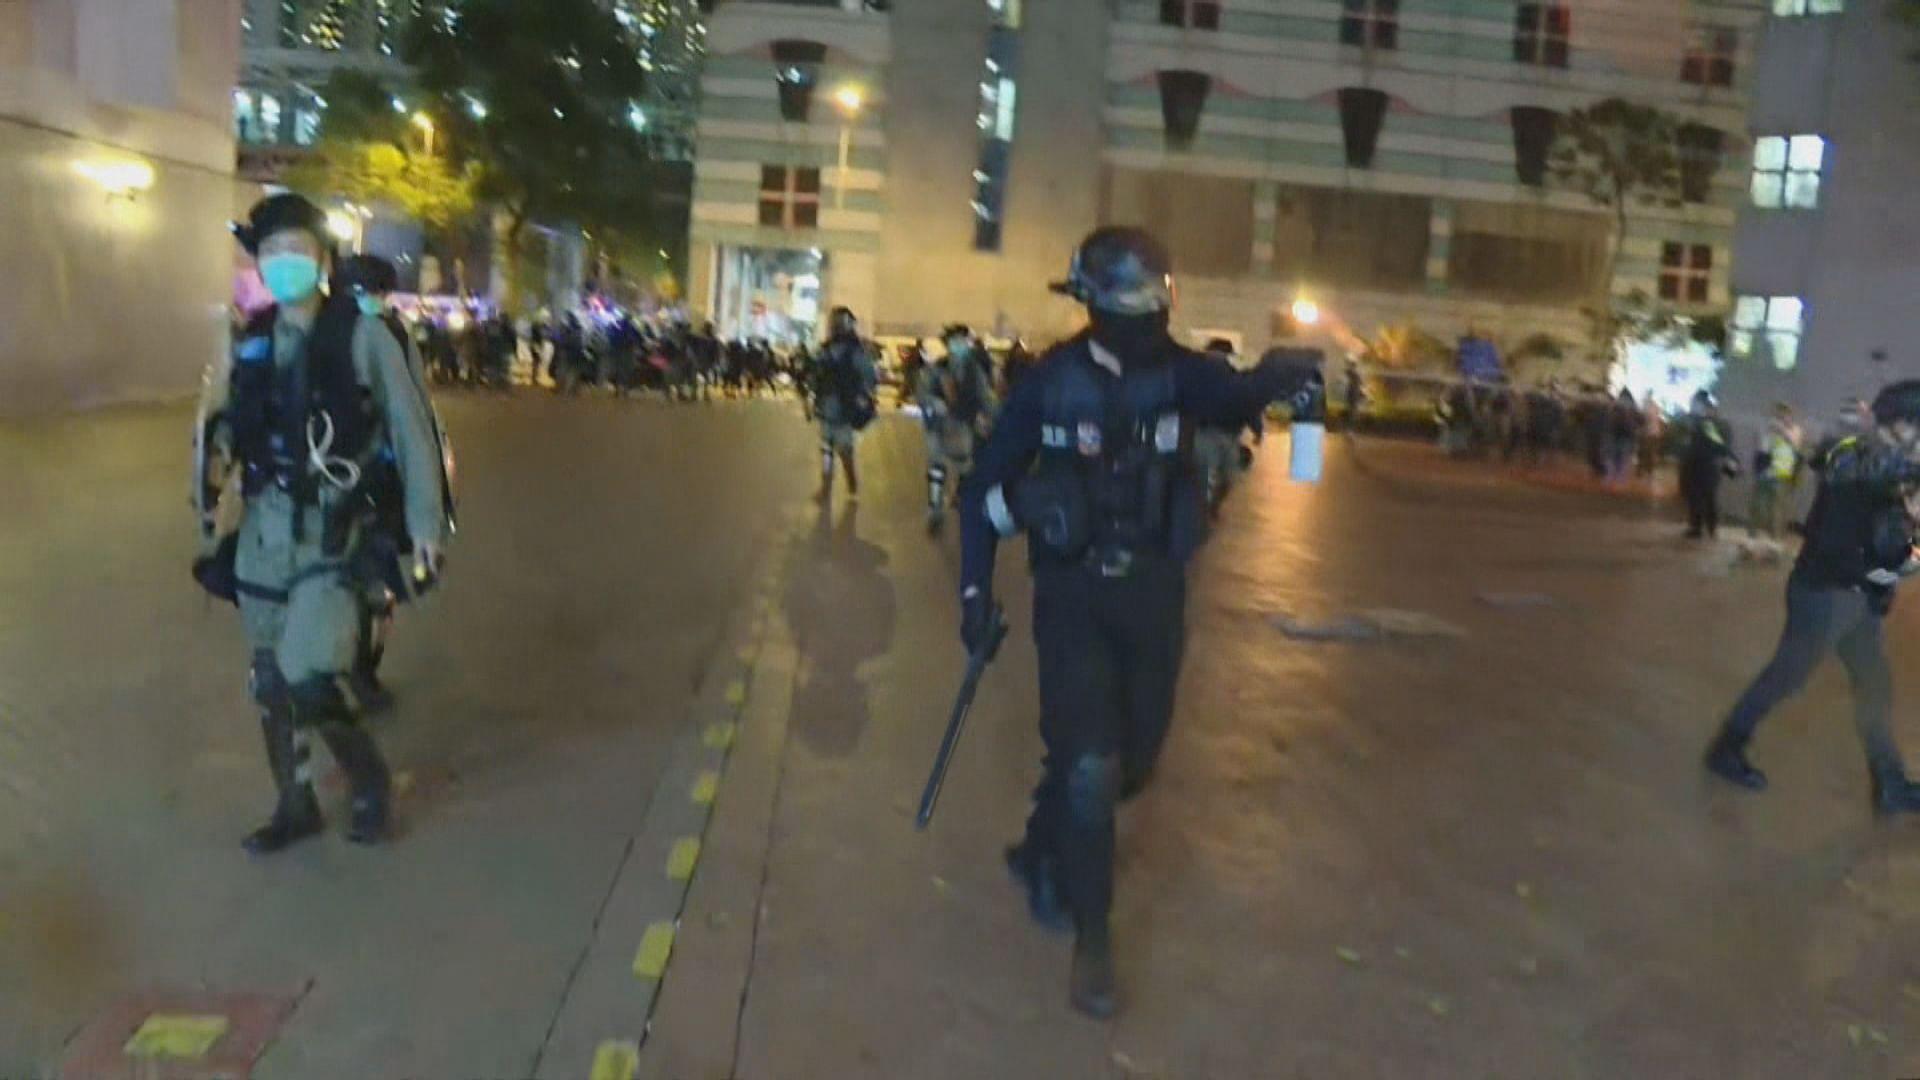 將軍澳晚上有人堵路 警員制服多人